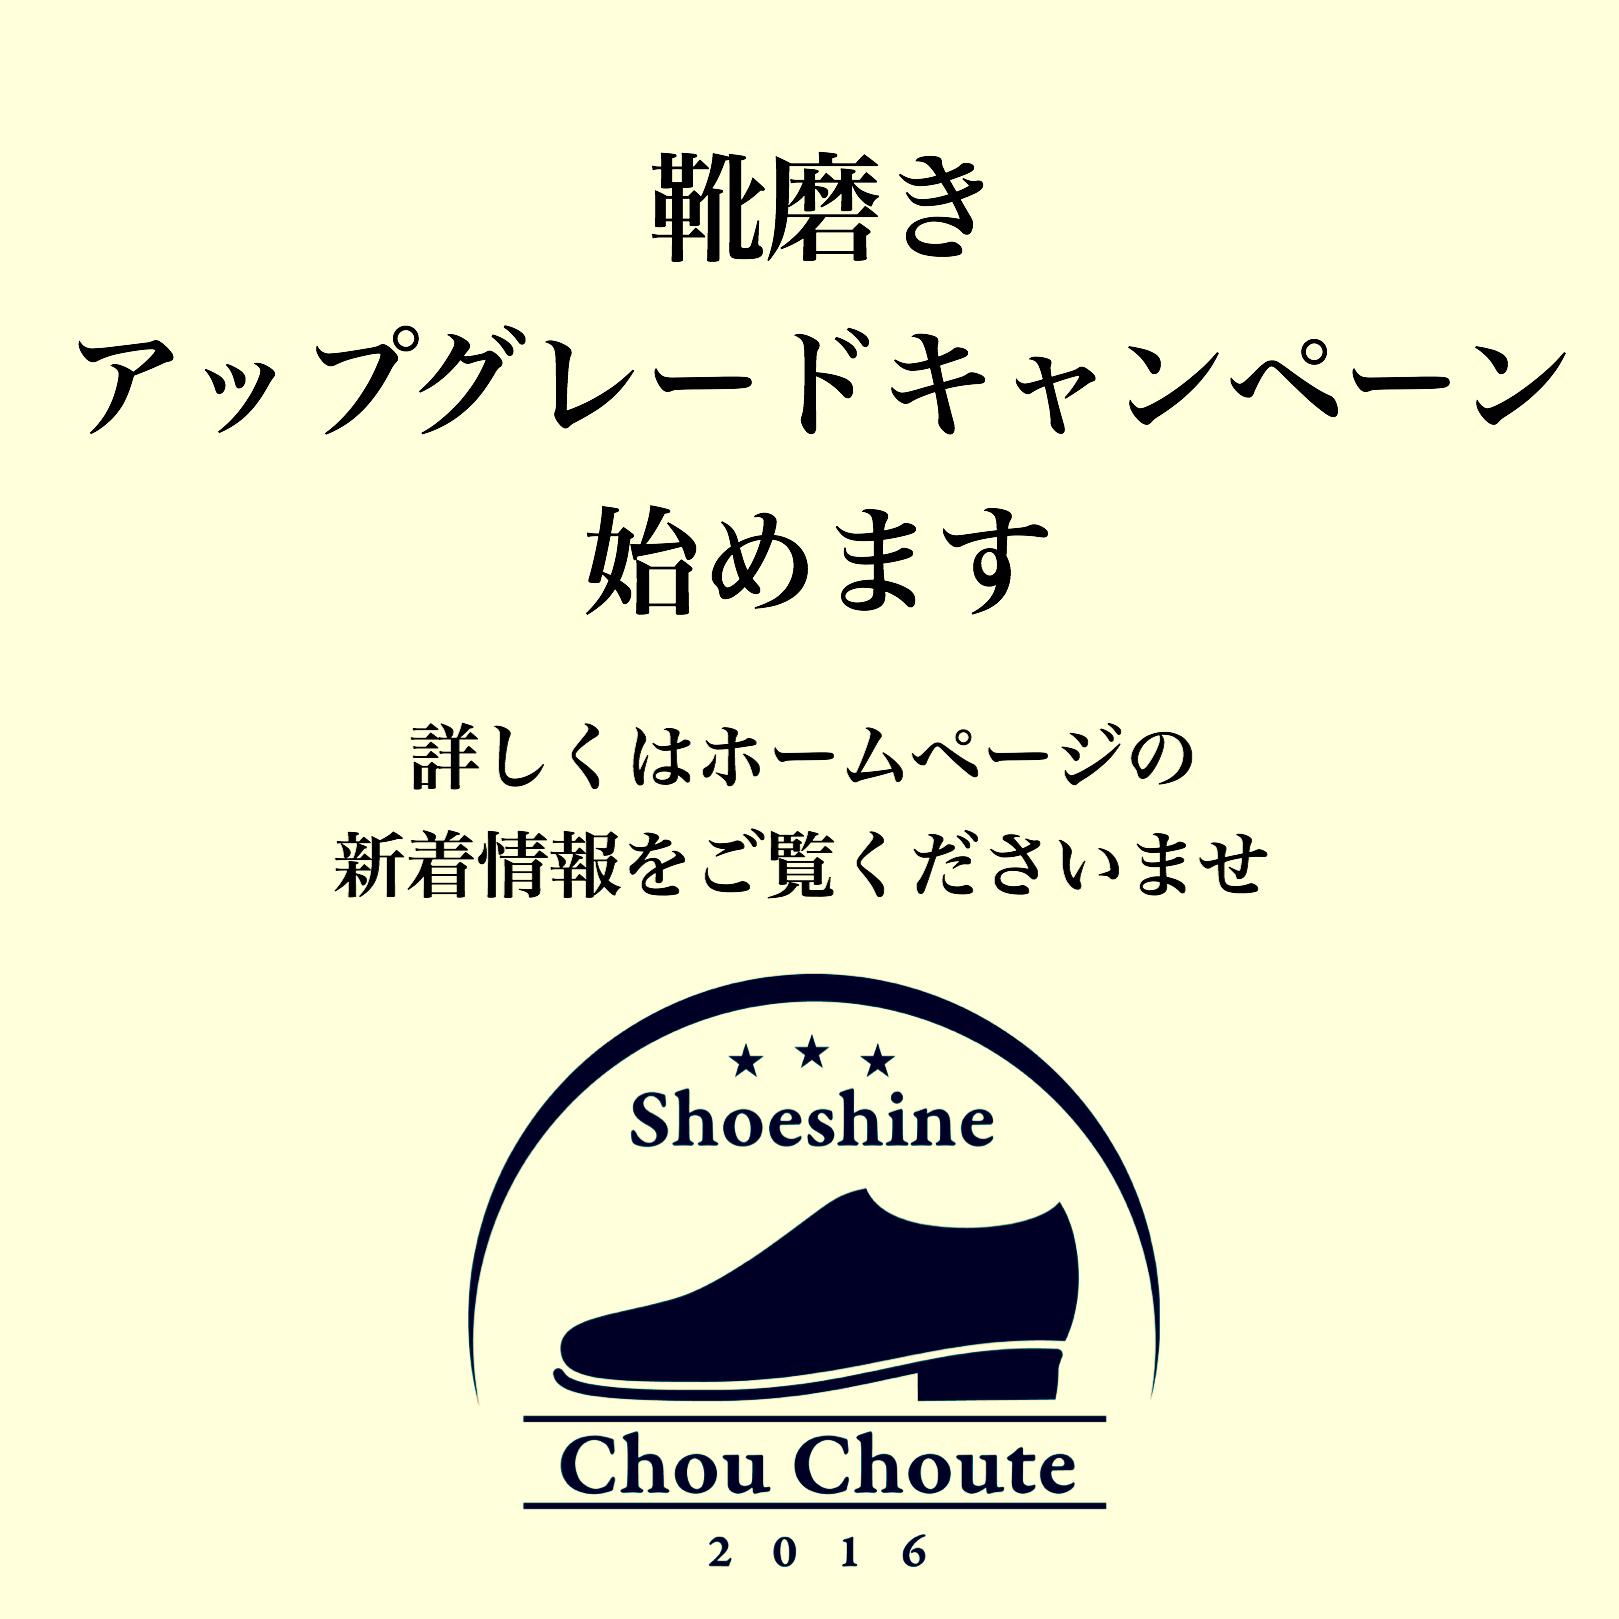 靴磨きアップグレードキャンペーン始めます